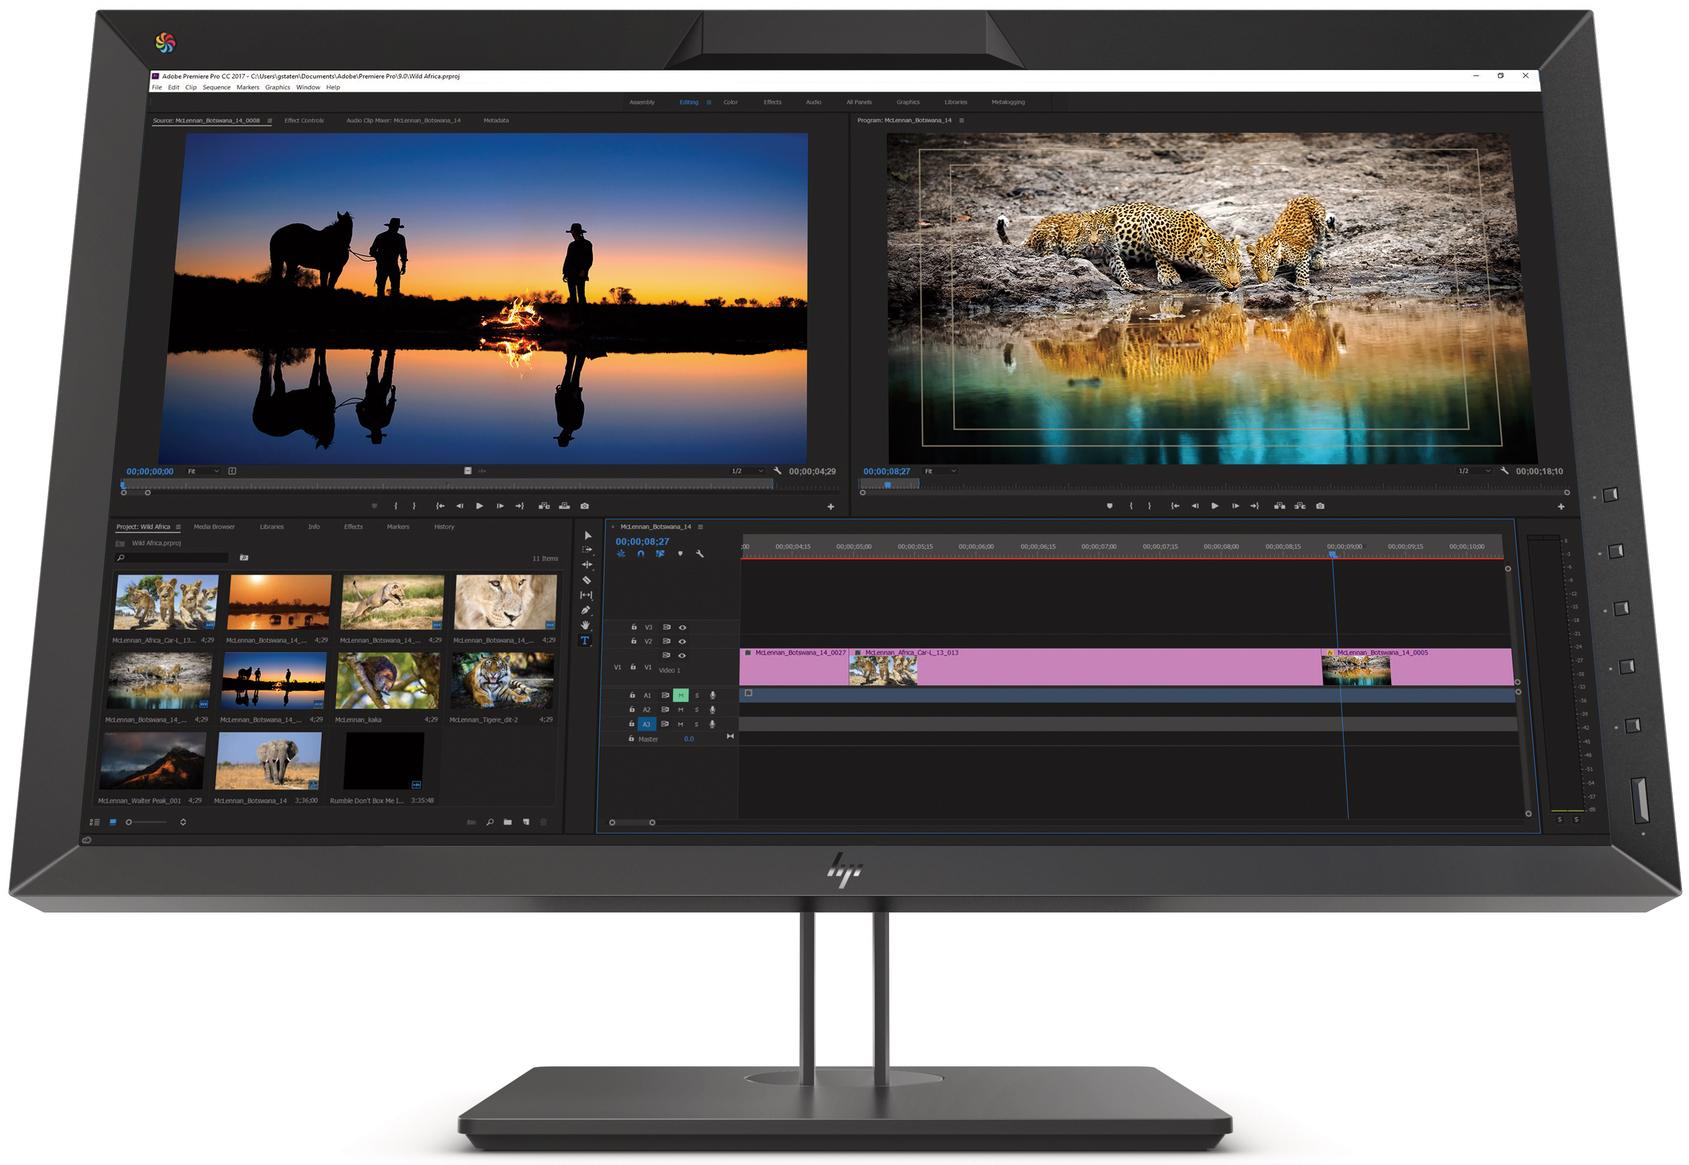 HP DreamColor Z27x G2 Display: QHD, DCI-P3, USB-C, KVM - HP Spring